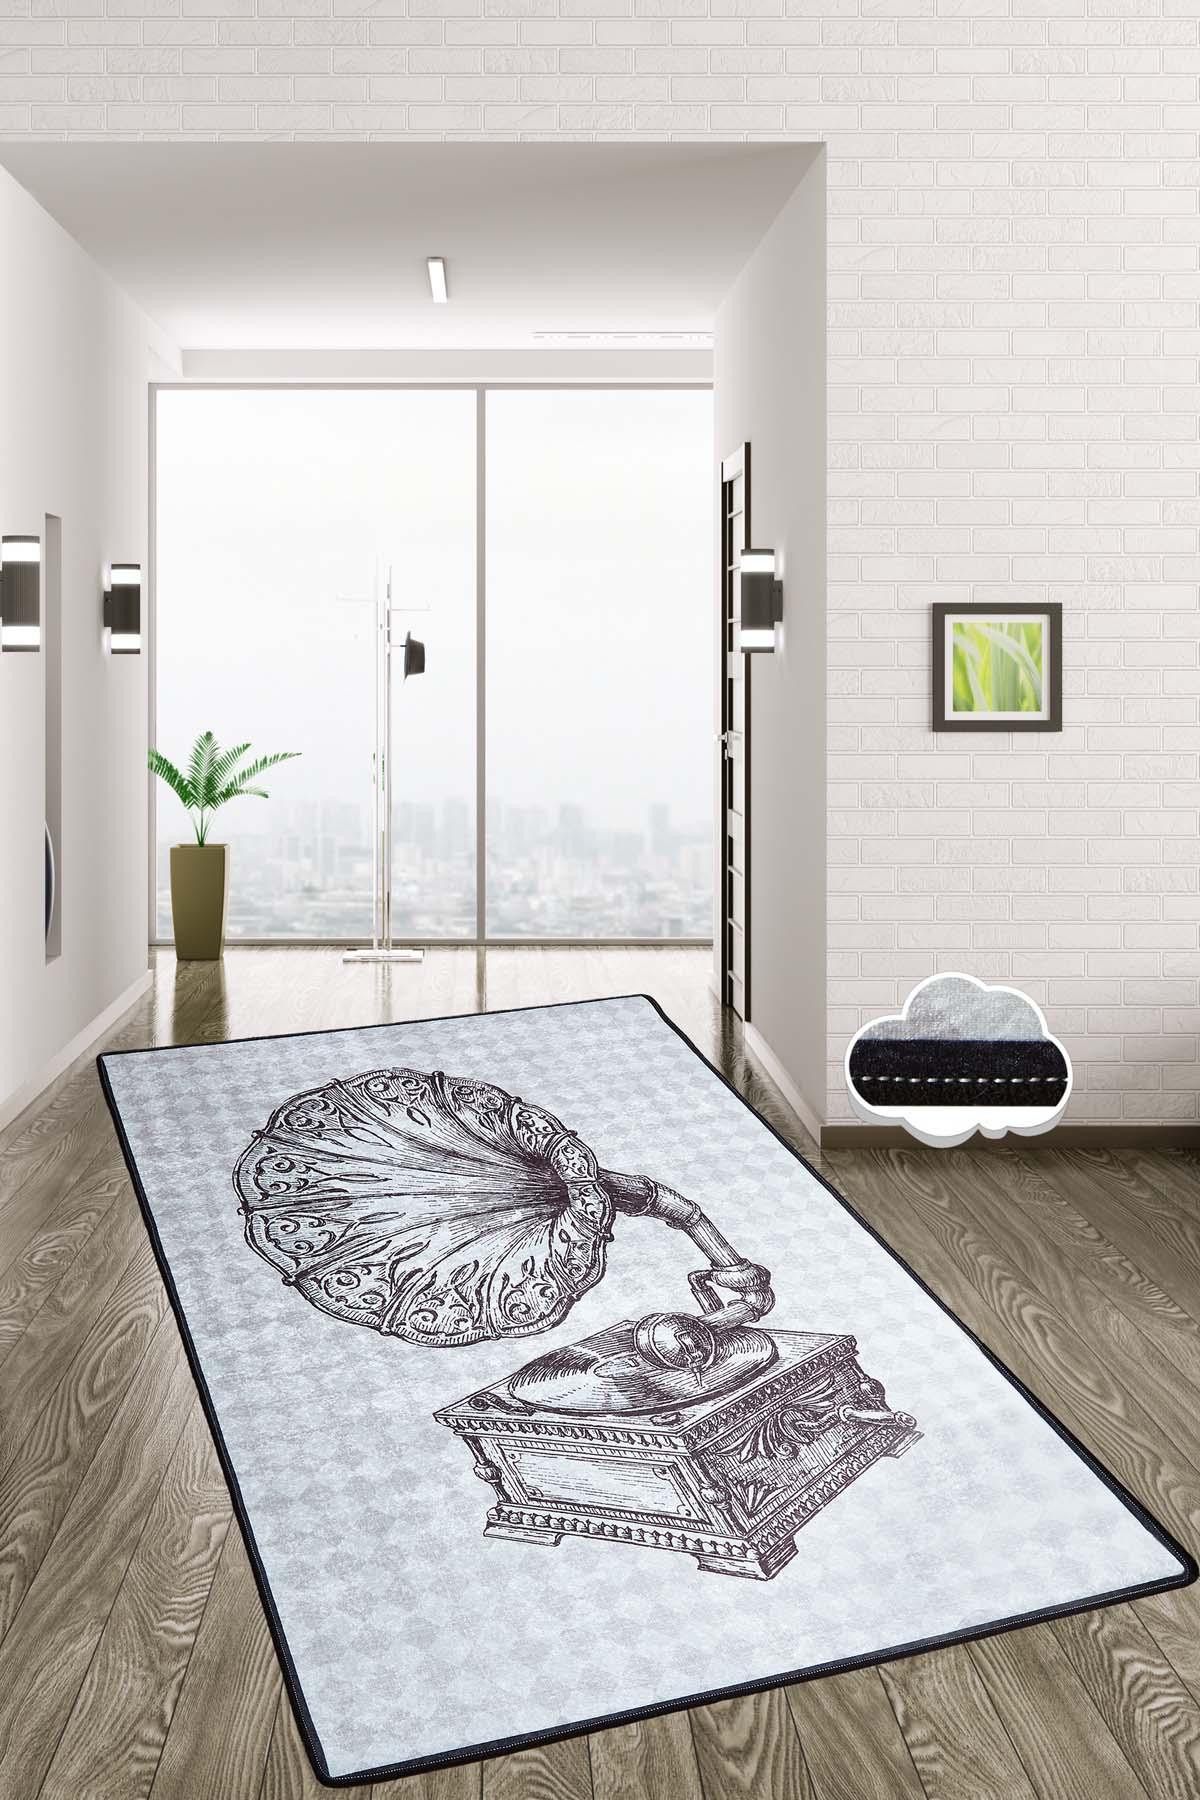 غراموفون-سجادة مستطيلة لغرفة المعيشة ، حديثة ، غير قابلة للانزلاق ، ديكور للمنزل